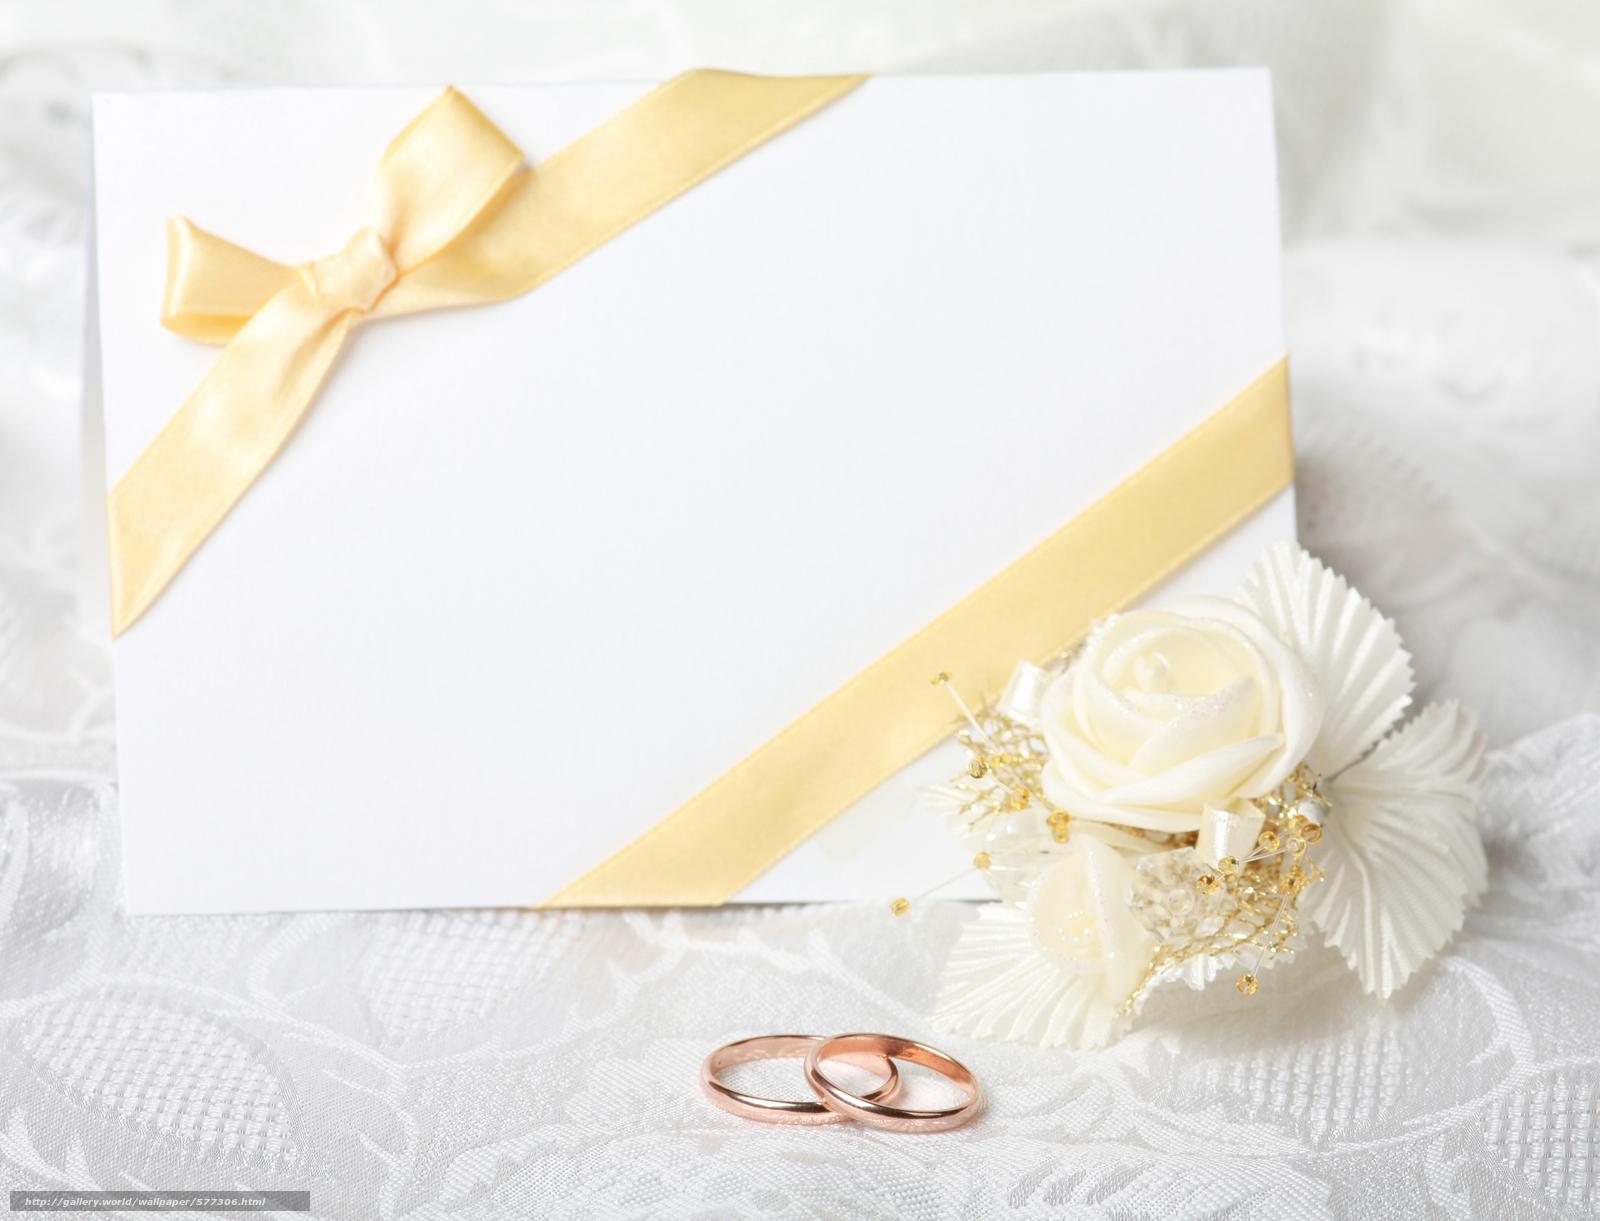 Mariage Fond D écran Hd Télécharger: Tlcharger Fond D'ecran Anneaux De Mariage, Carte, Fleuron